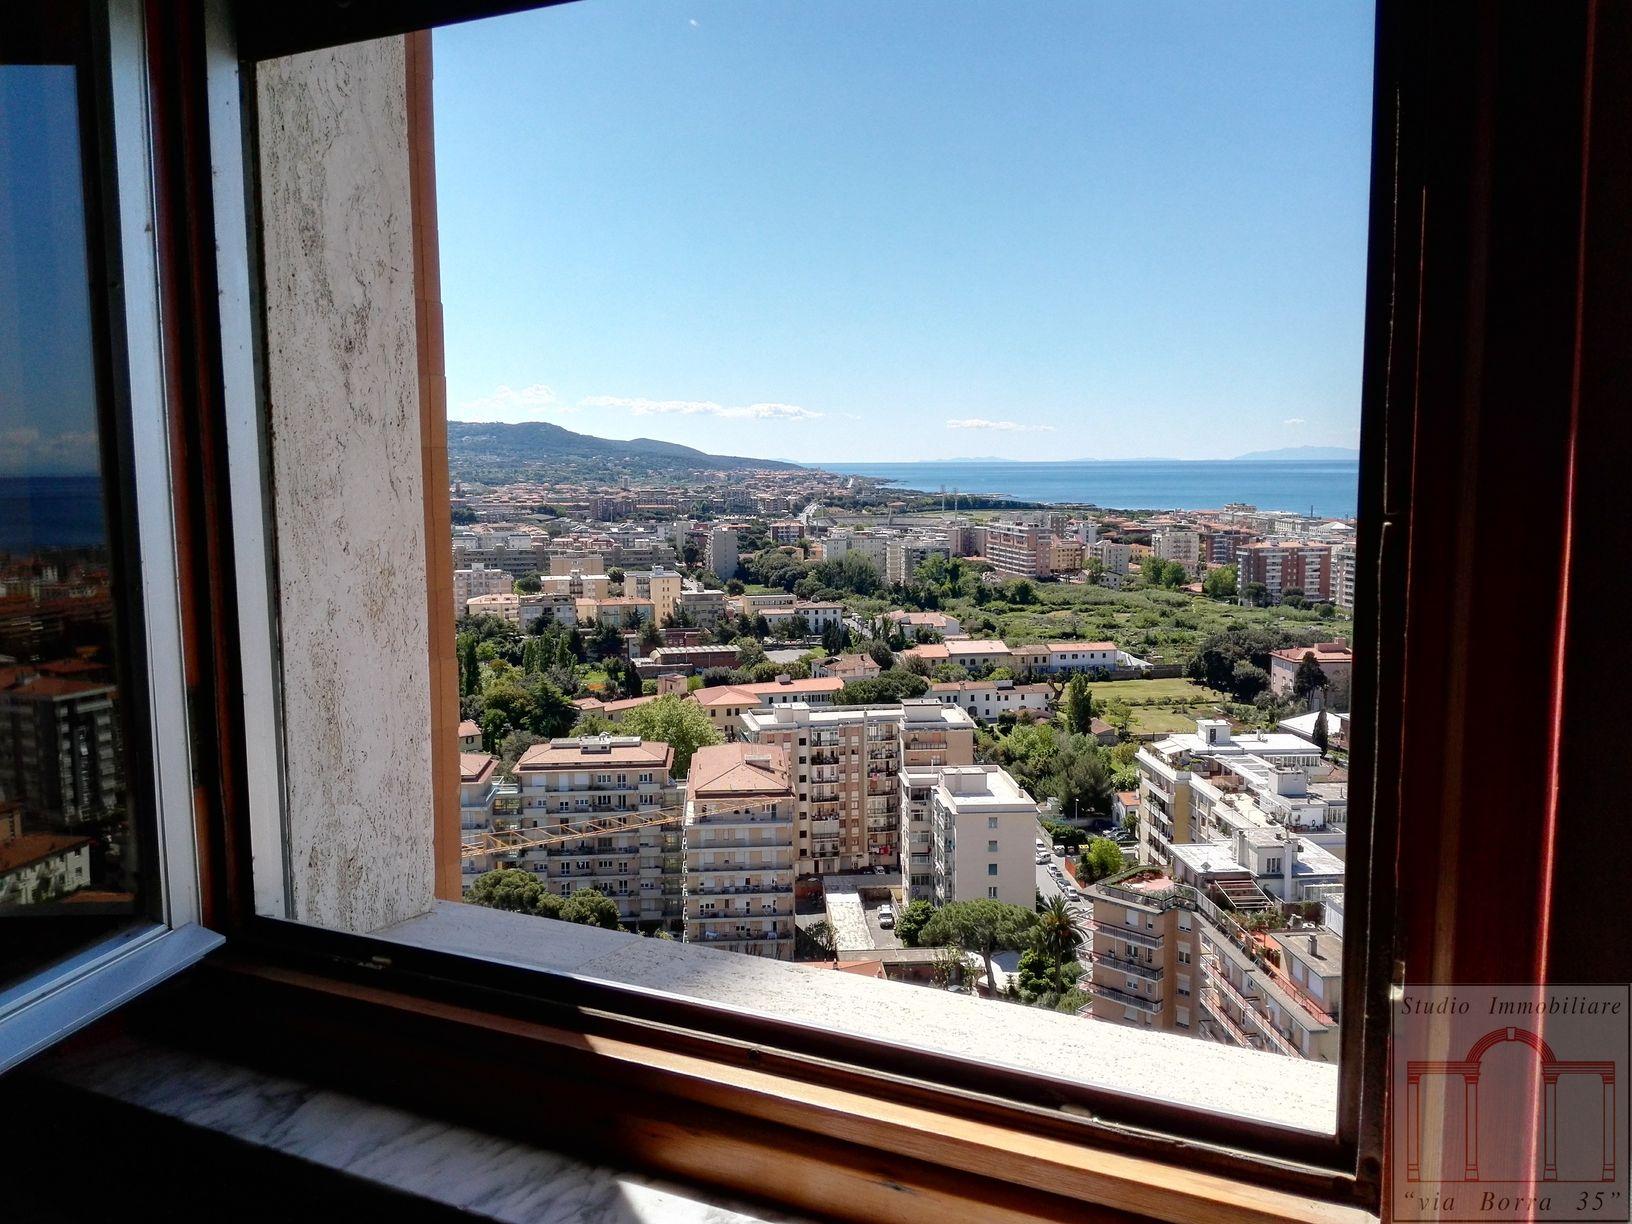 Appartamento in vendita a Livorno, 4 locali, zona Località: Centroresidenziale, prezzo € 150.000 | CambioCasa.it